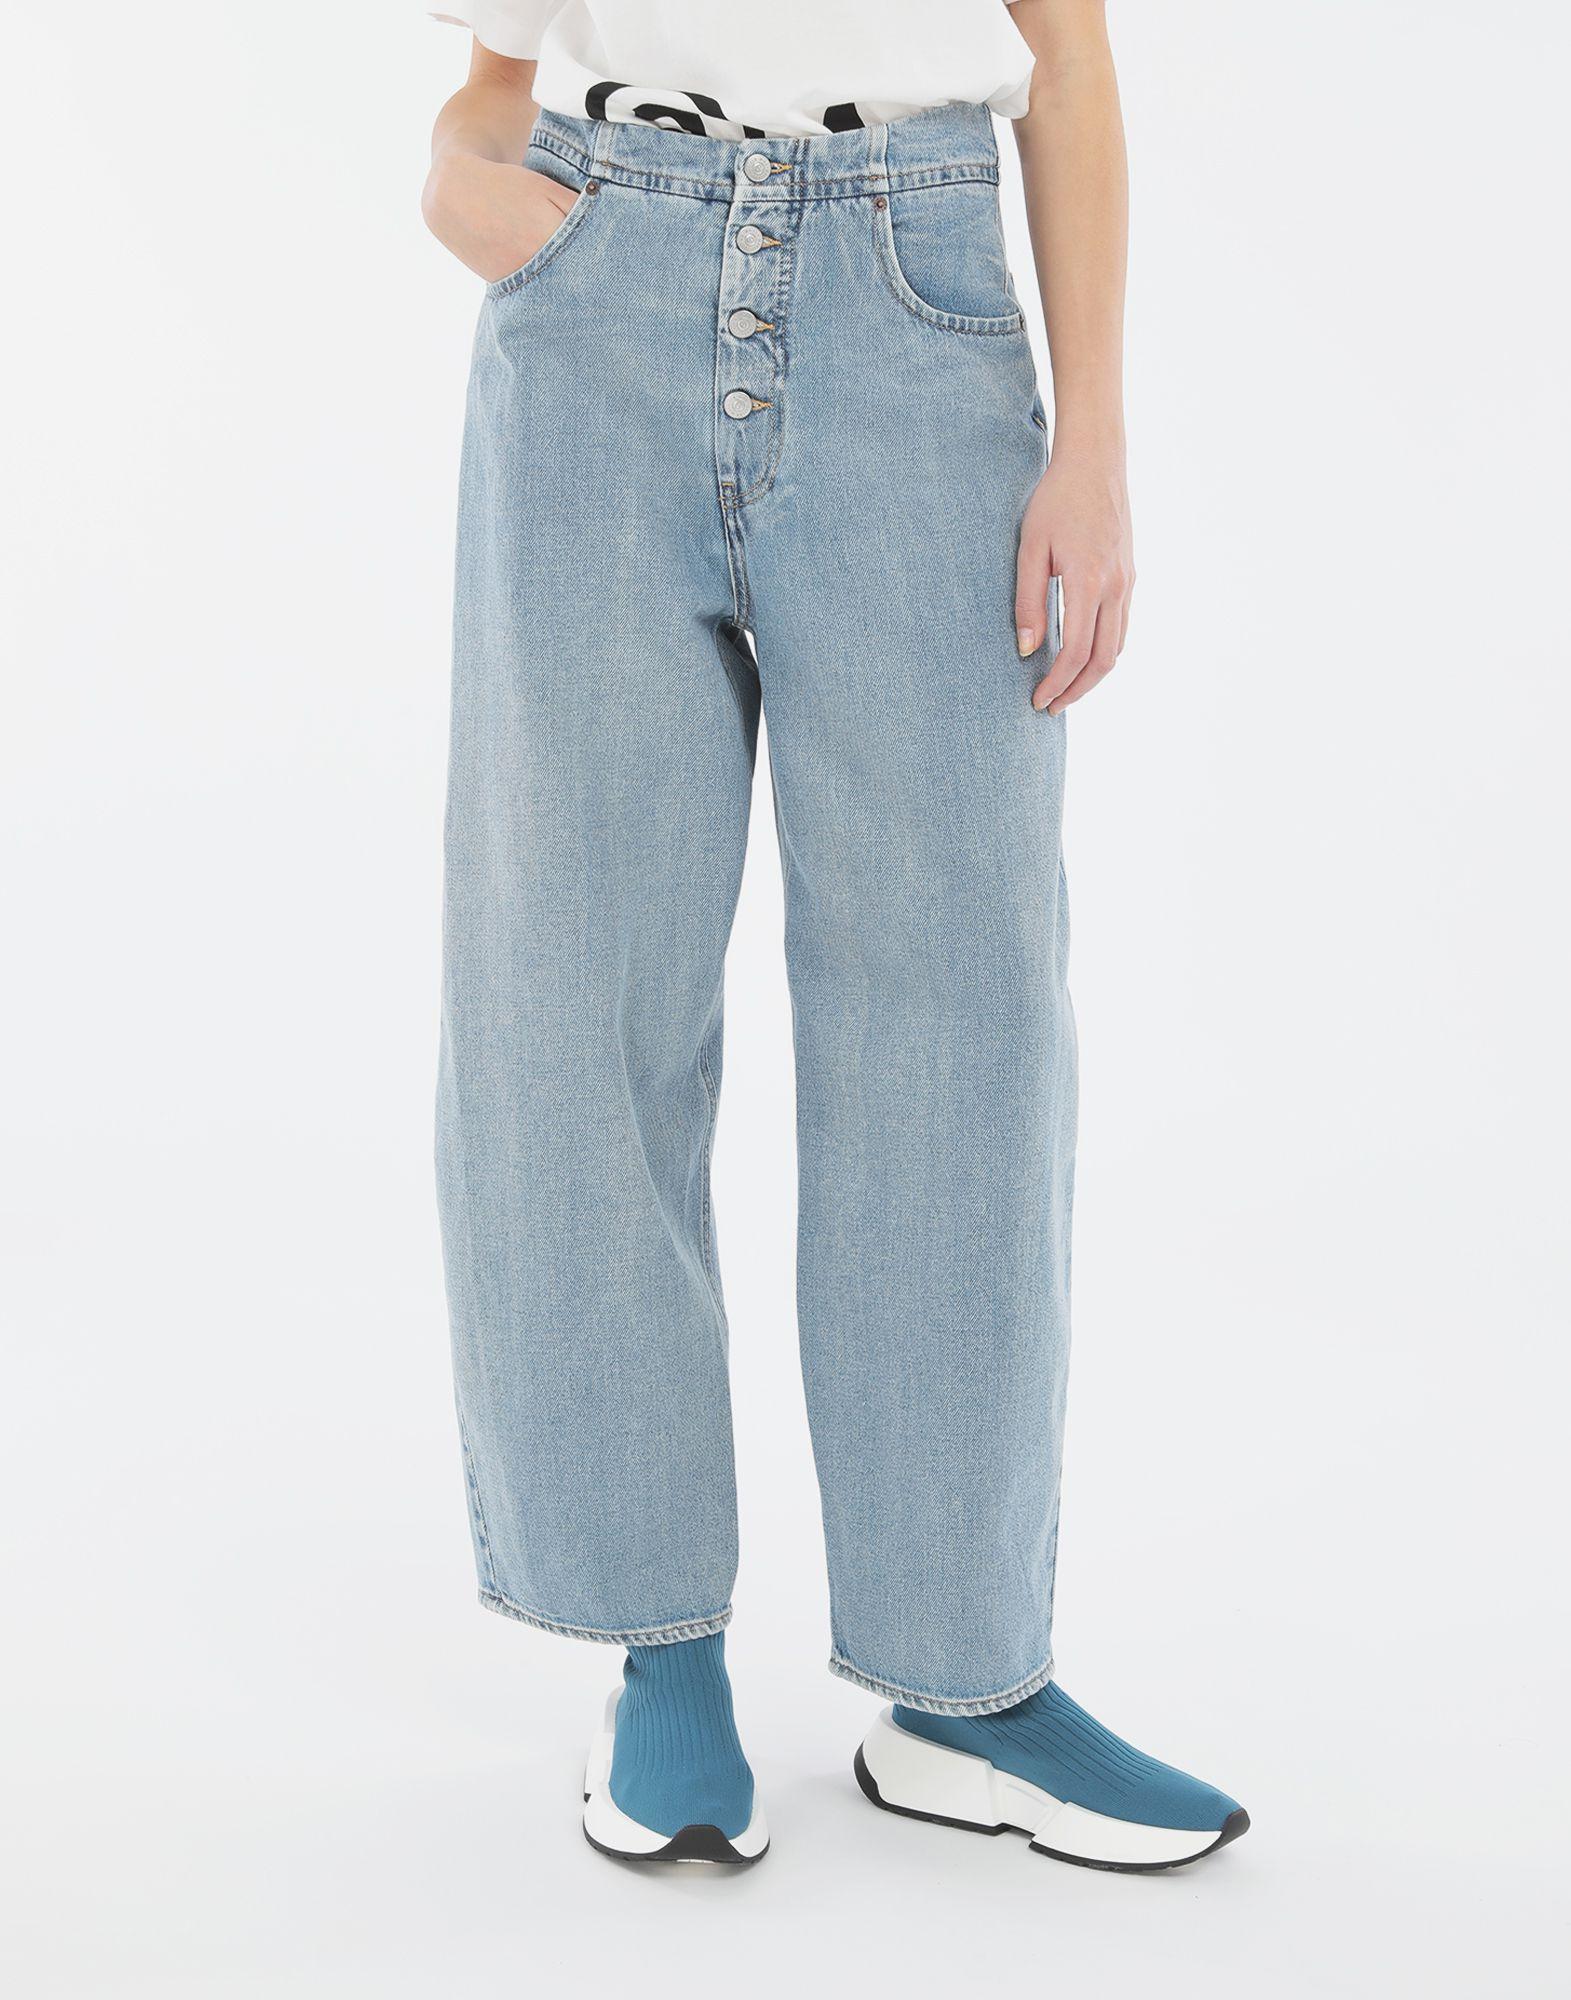 MM6 MAISON MARGIELA Cocoon jeans Jeans Woman r